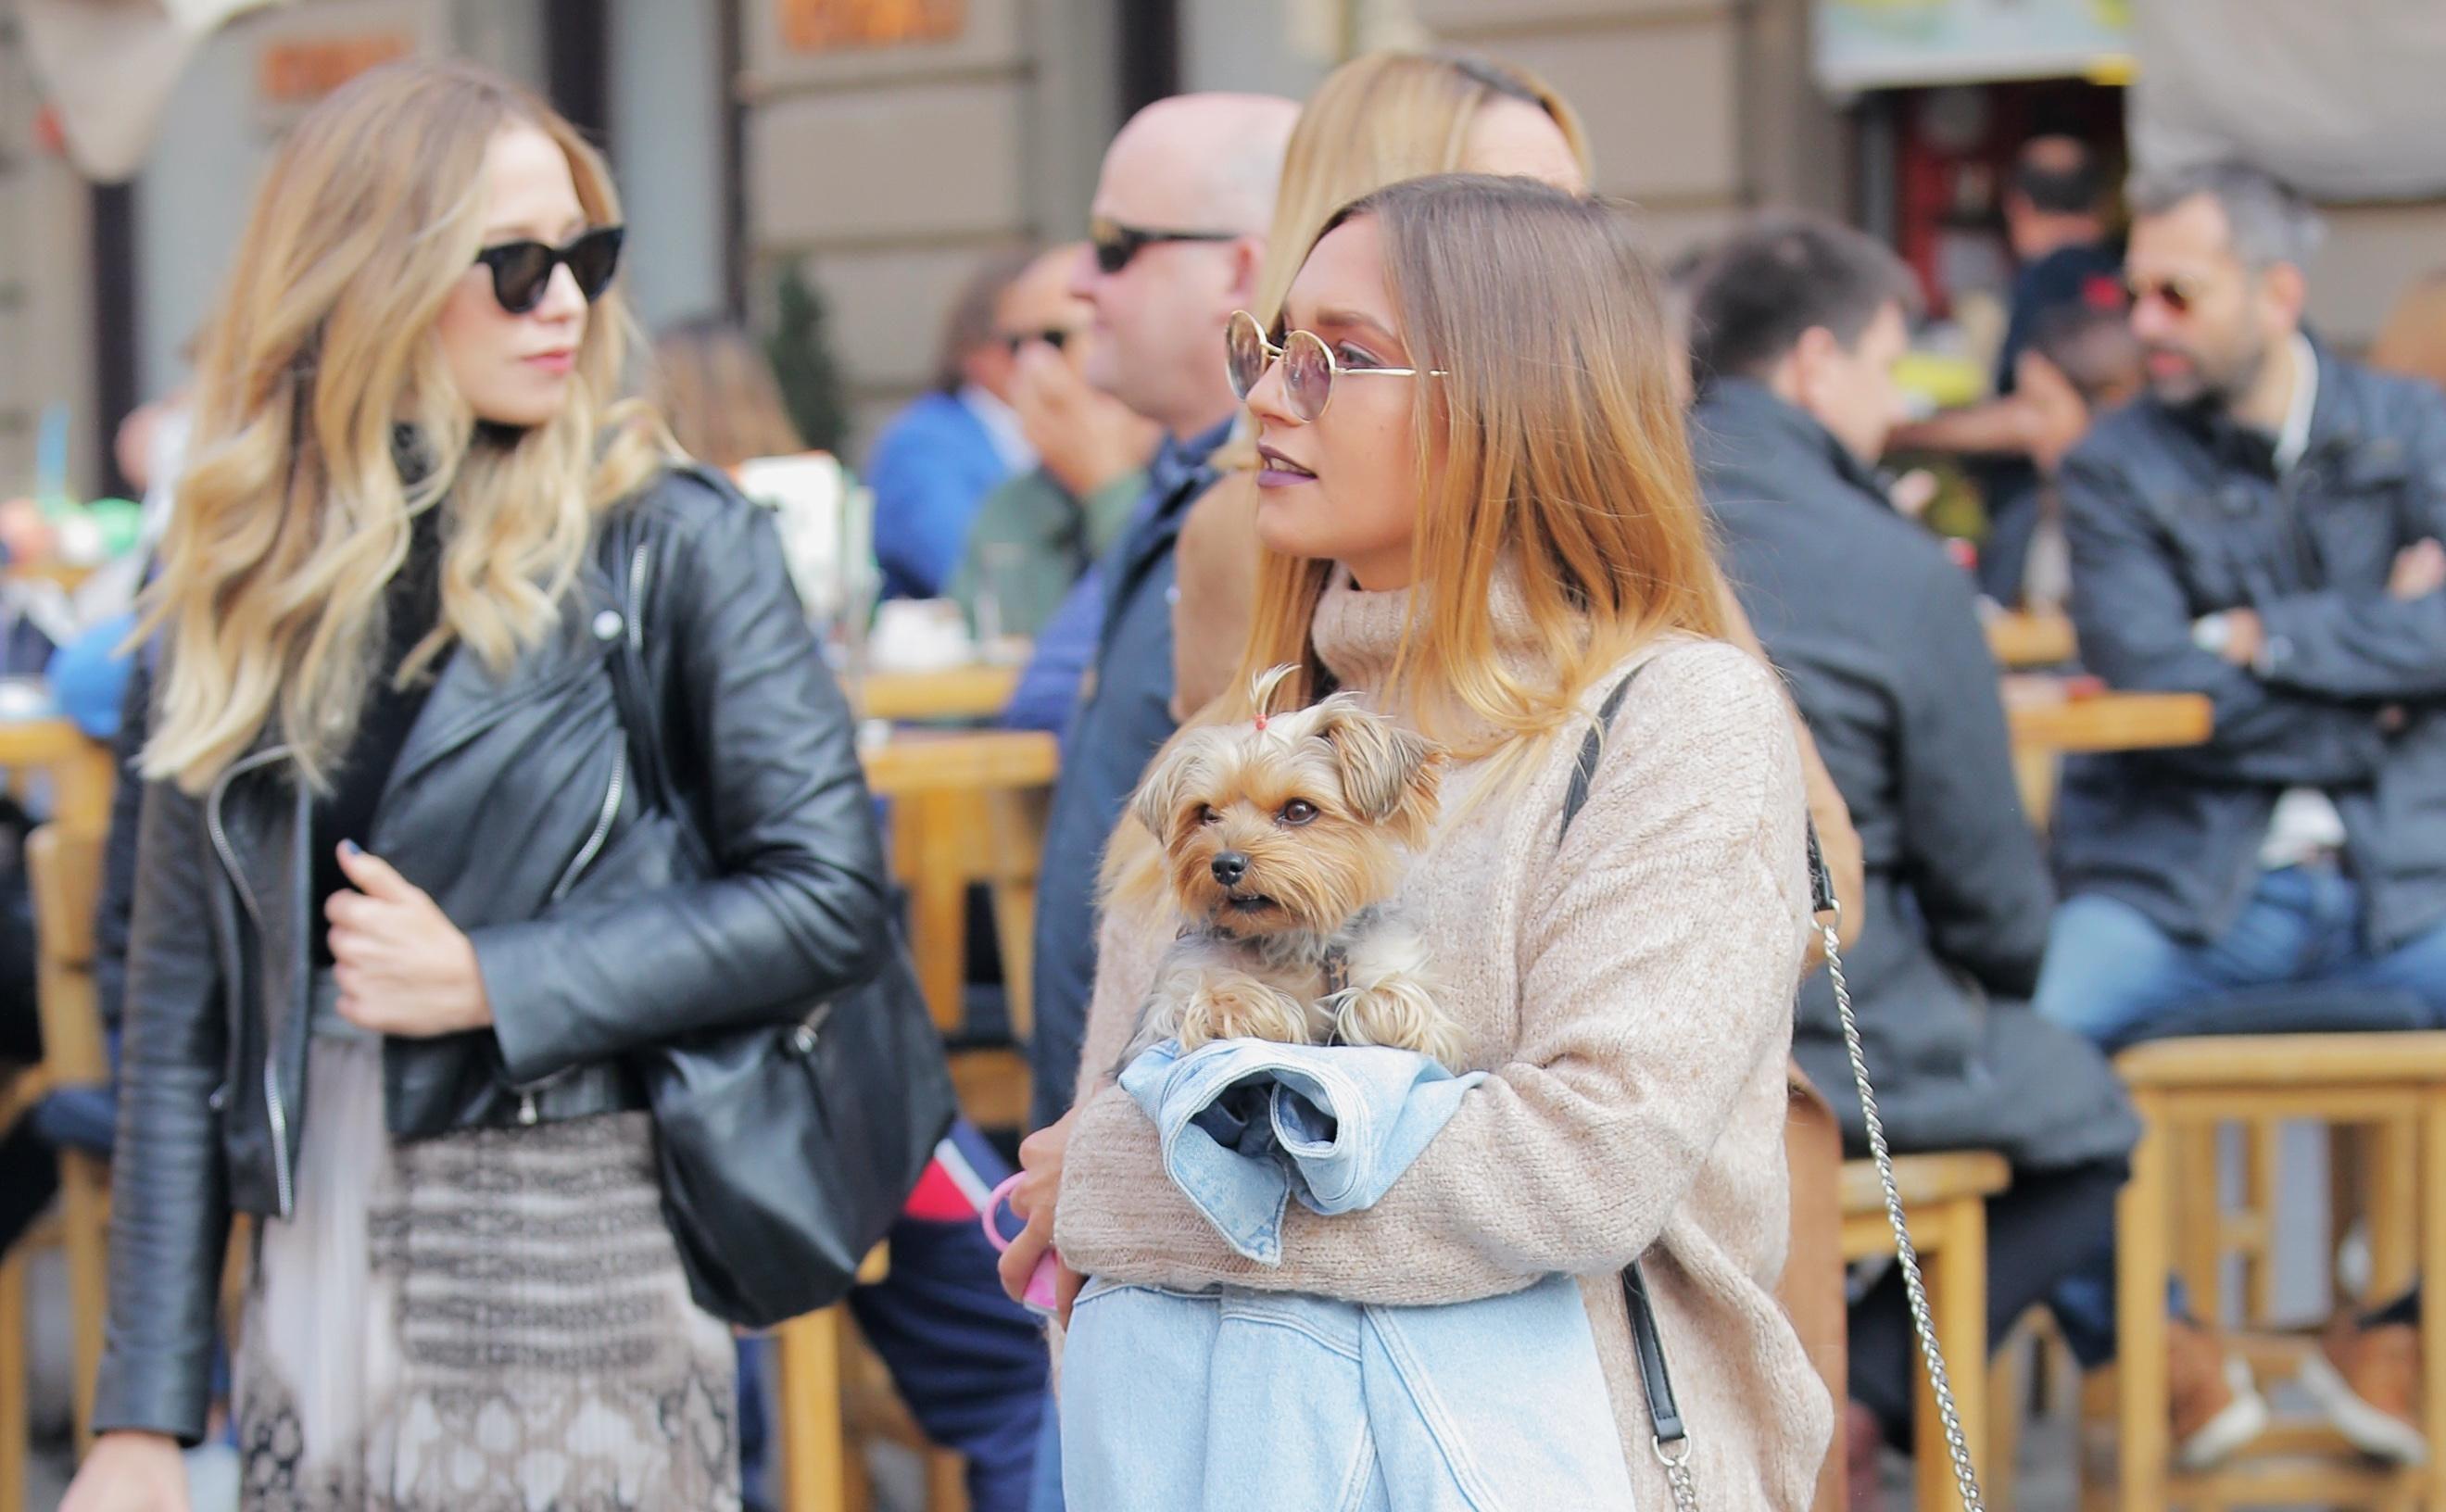 Ova ljepotica i njen psić bili su prave zvijezde zagrebačke špice